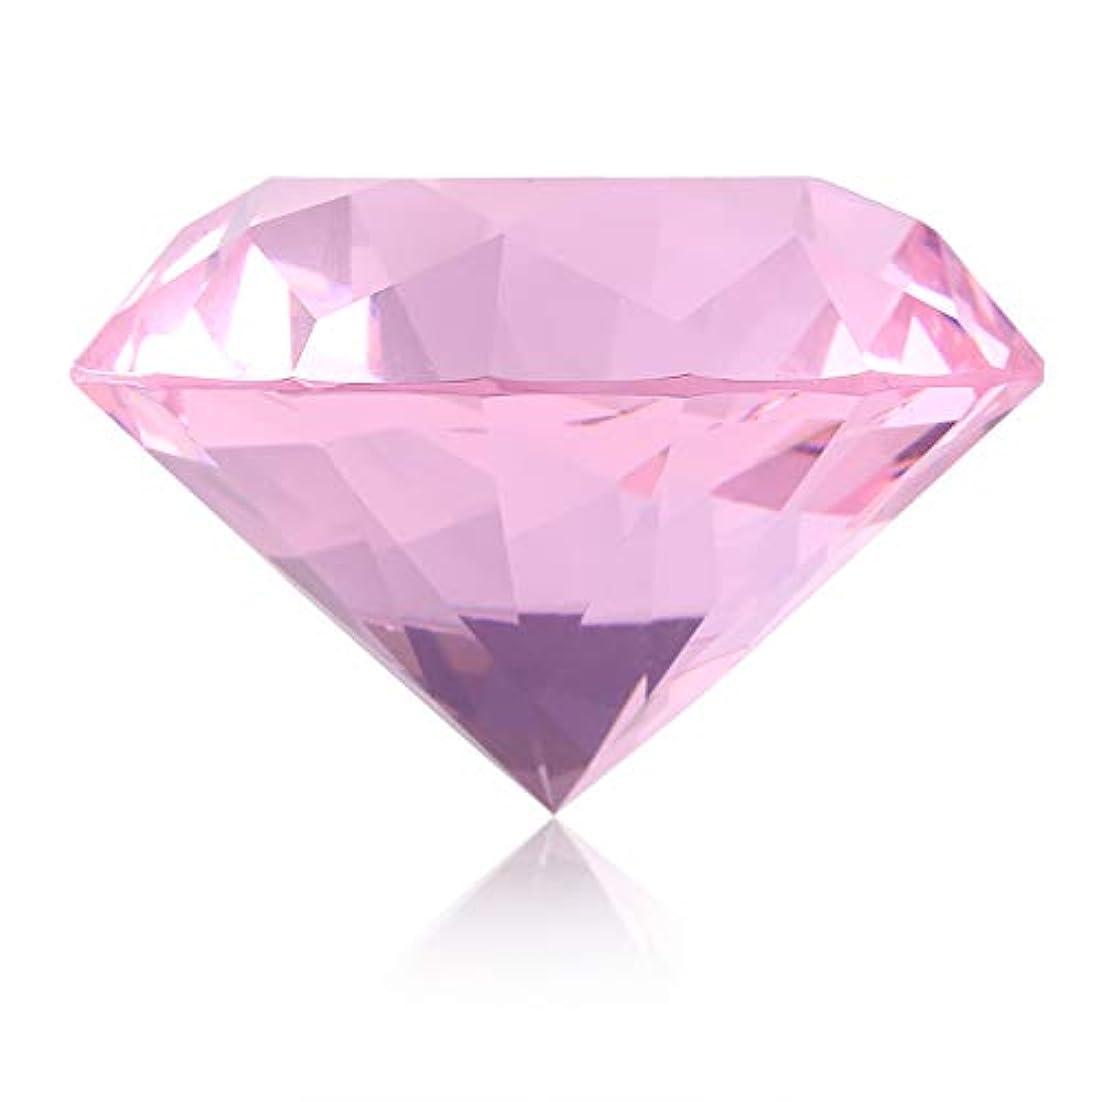 夢墓地夢ネイルチップスタンド スタンドベース ネイルアートディスプレイ ガラス クリスタル ダイヤモンド 撮影道具 モデル ネイルチップホルダー (ピンク)